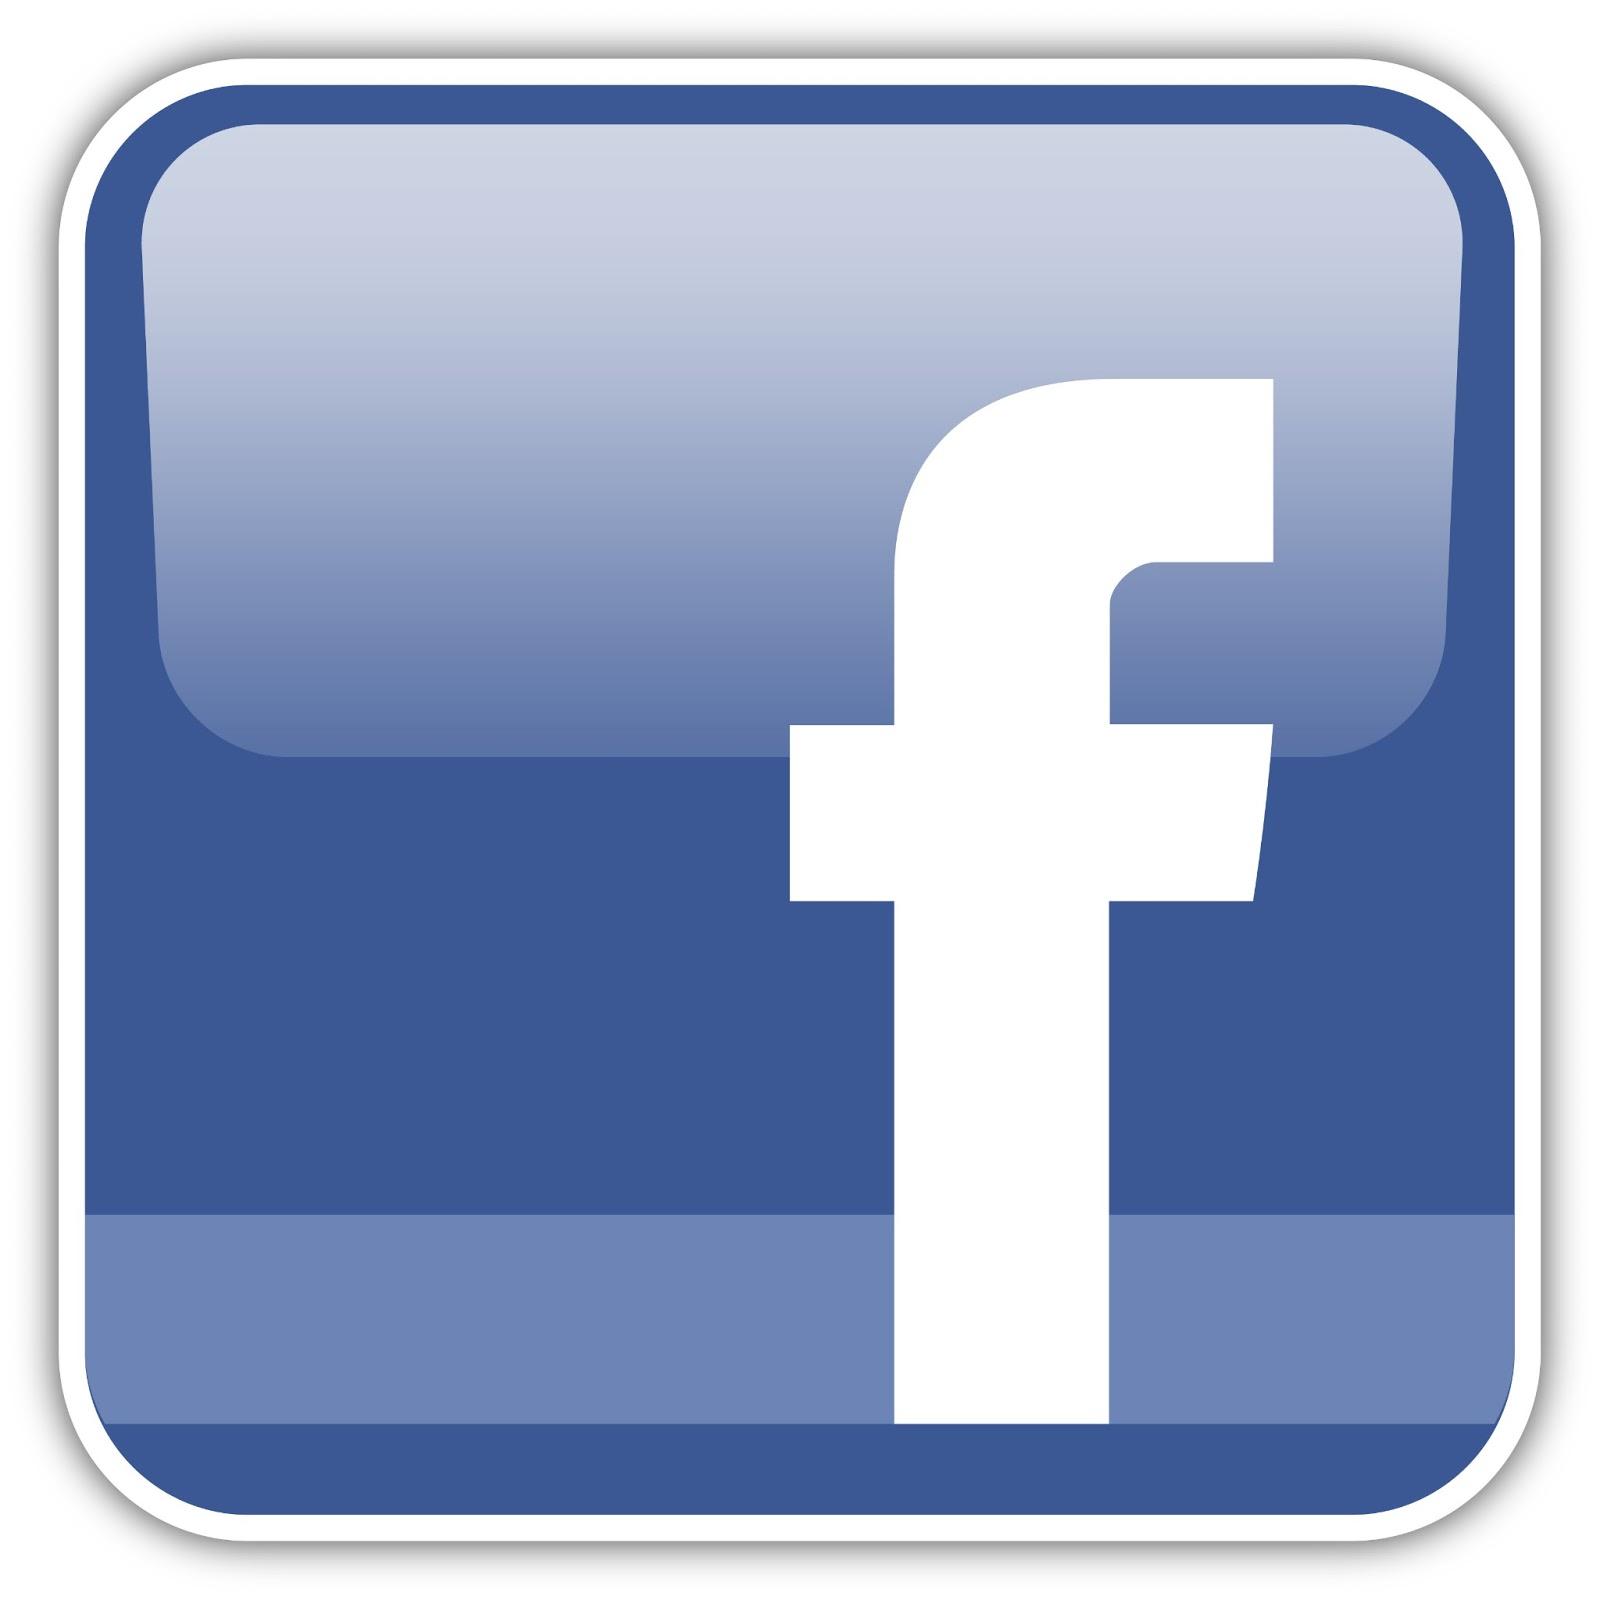 Hướng dẫn thêm sticker lên ảnh khi post trên Facebook